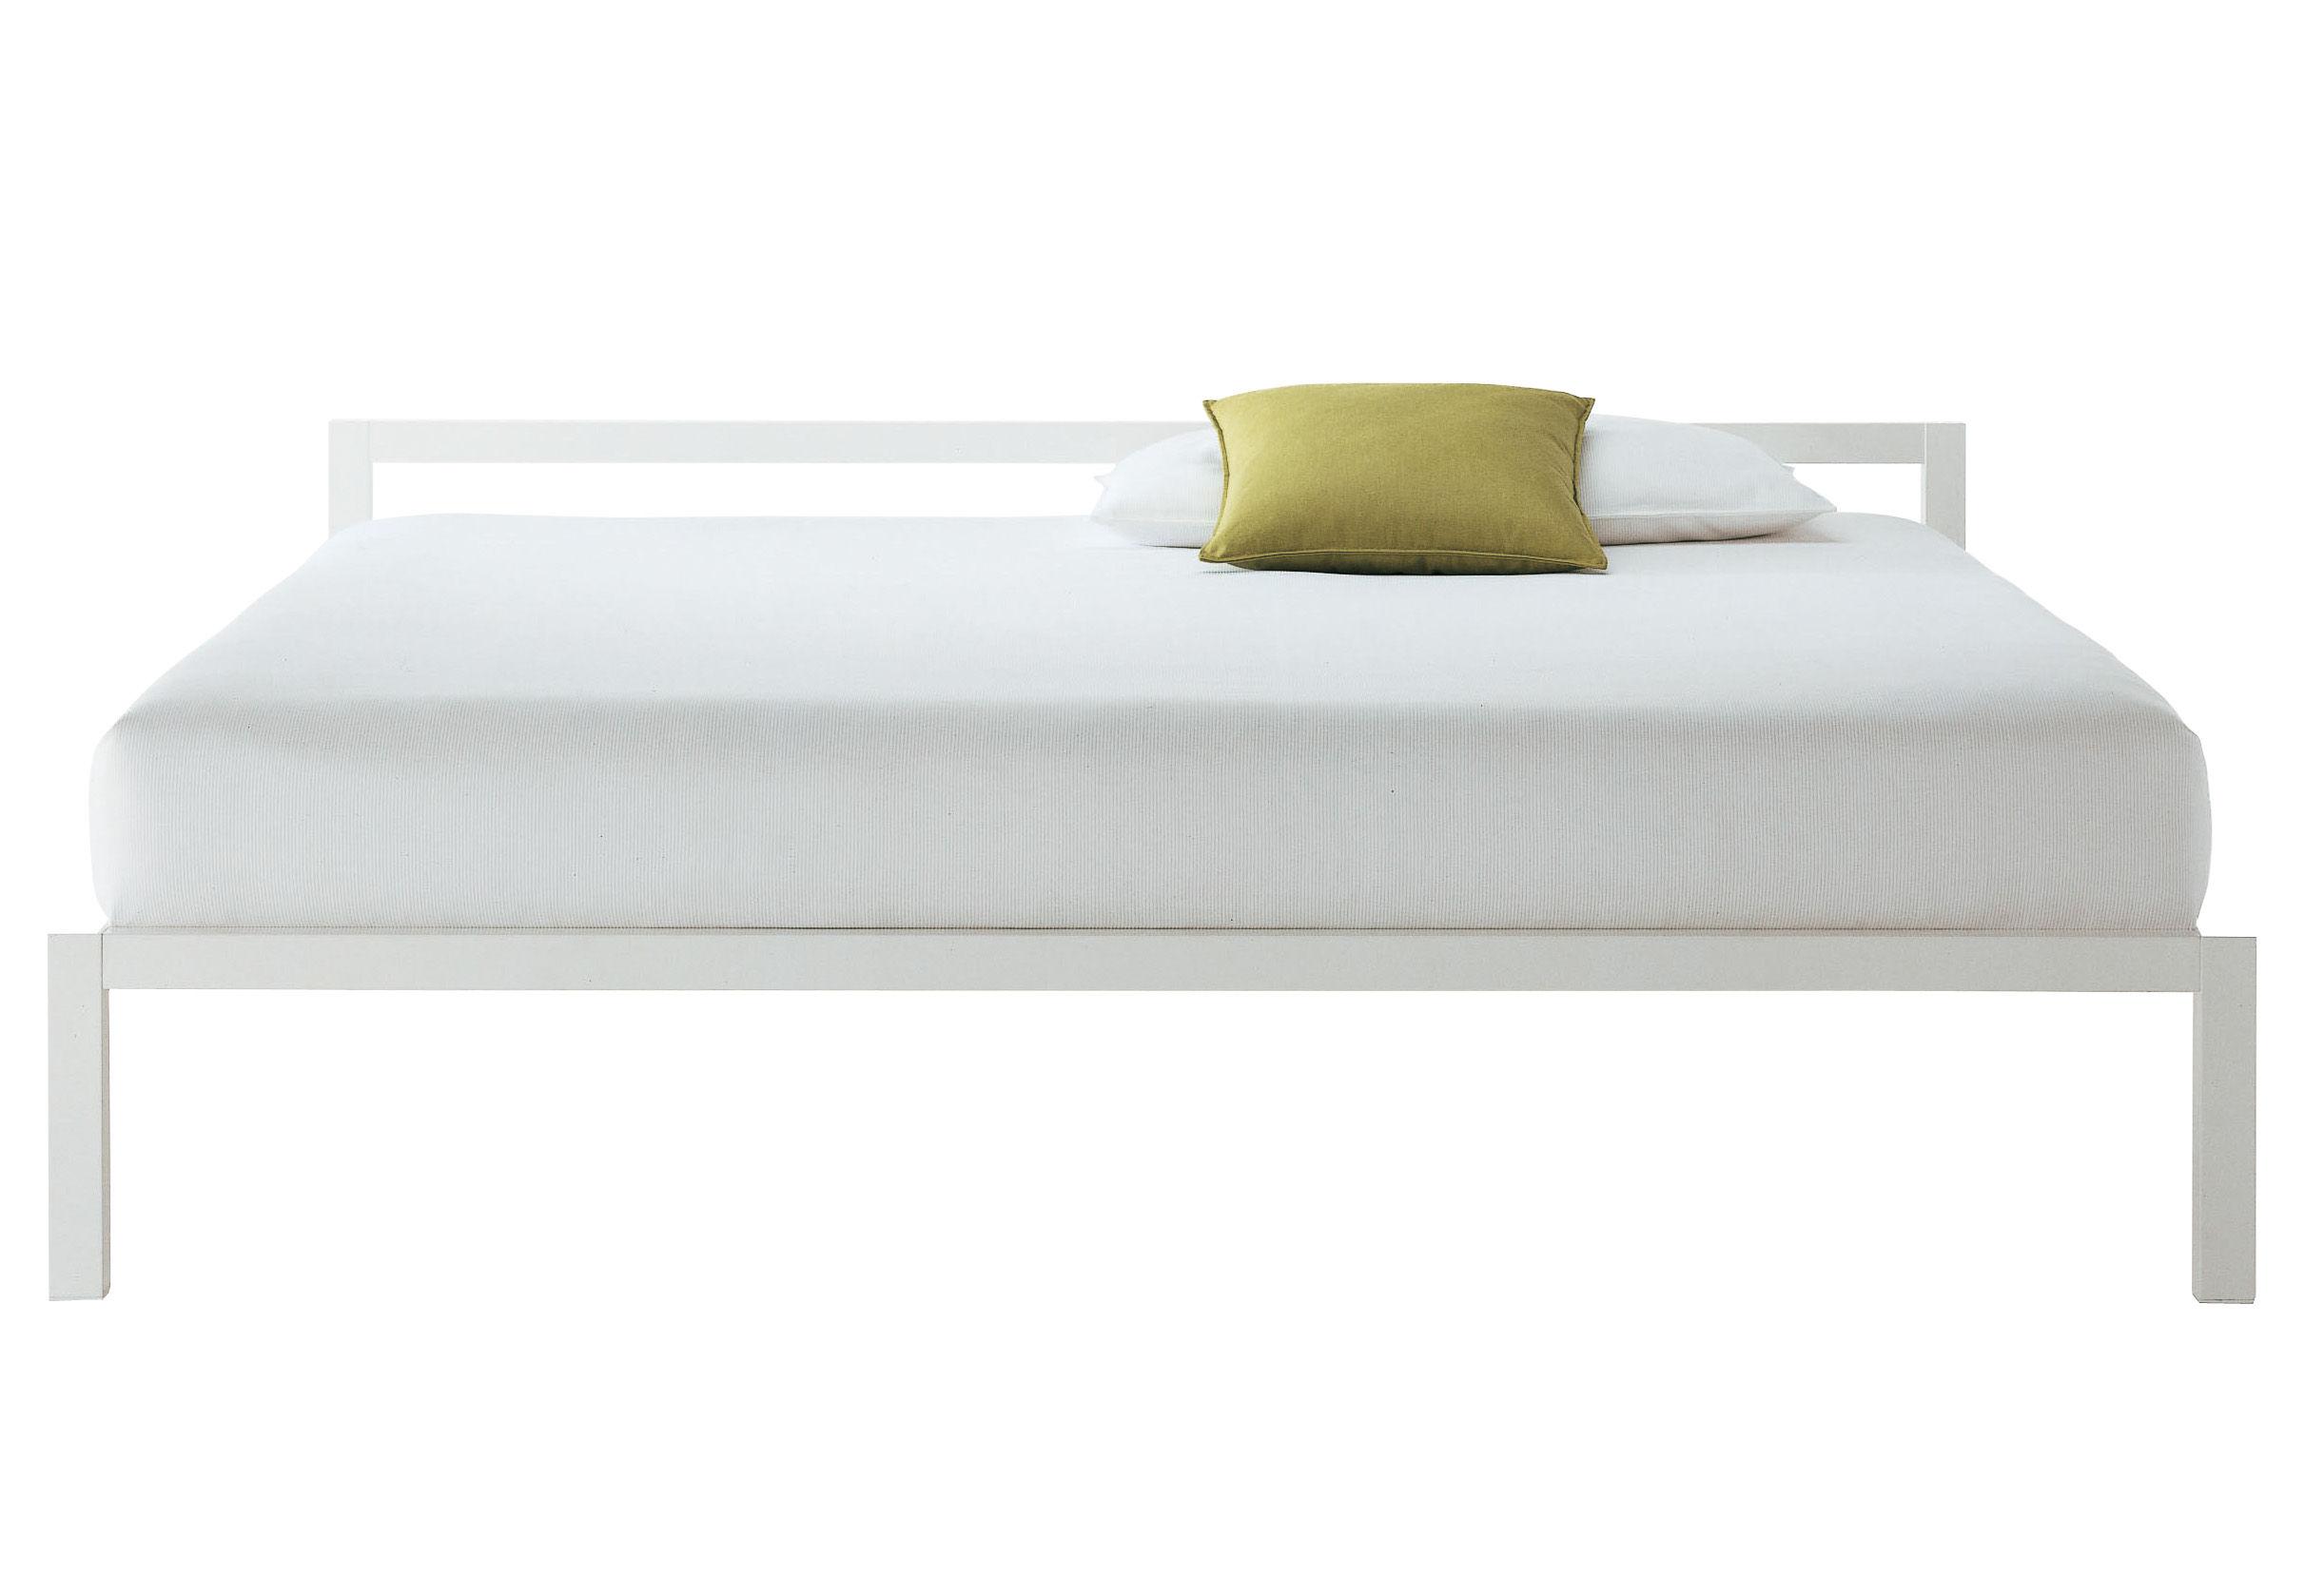 Möbel - Betten - Aluminium Doppelbett - MDF Italia - Bett 210 x 170 cm - glänzend weiß - lackiertes Aluminium